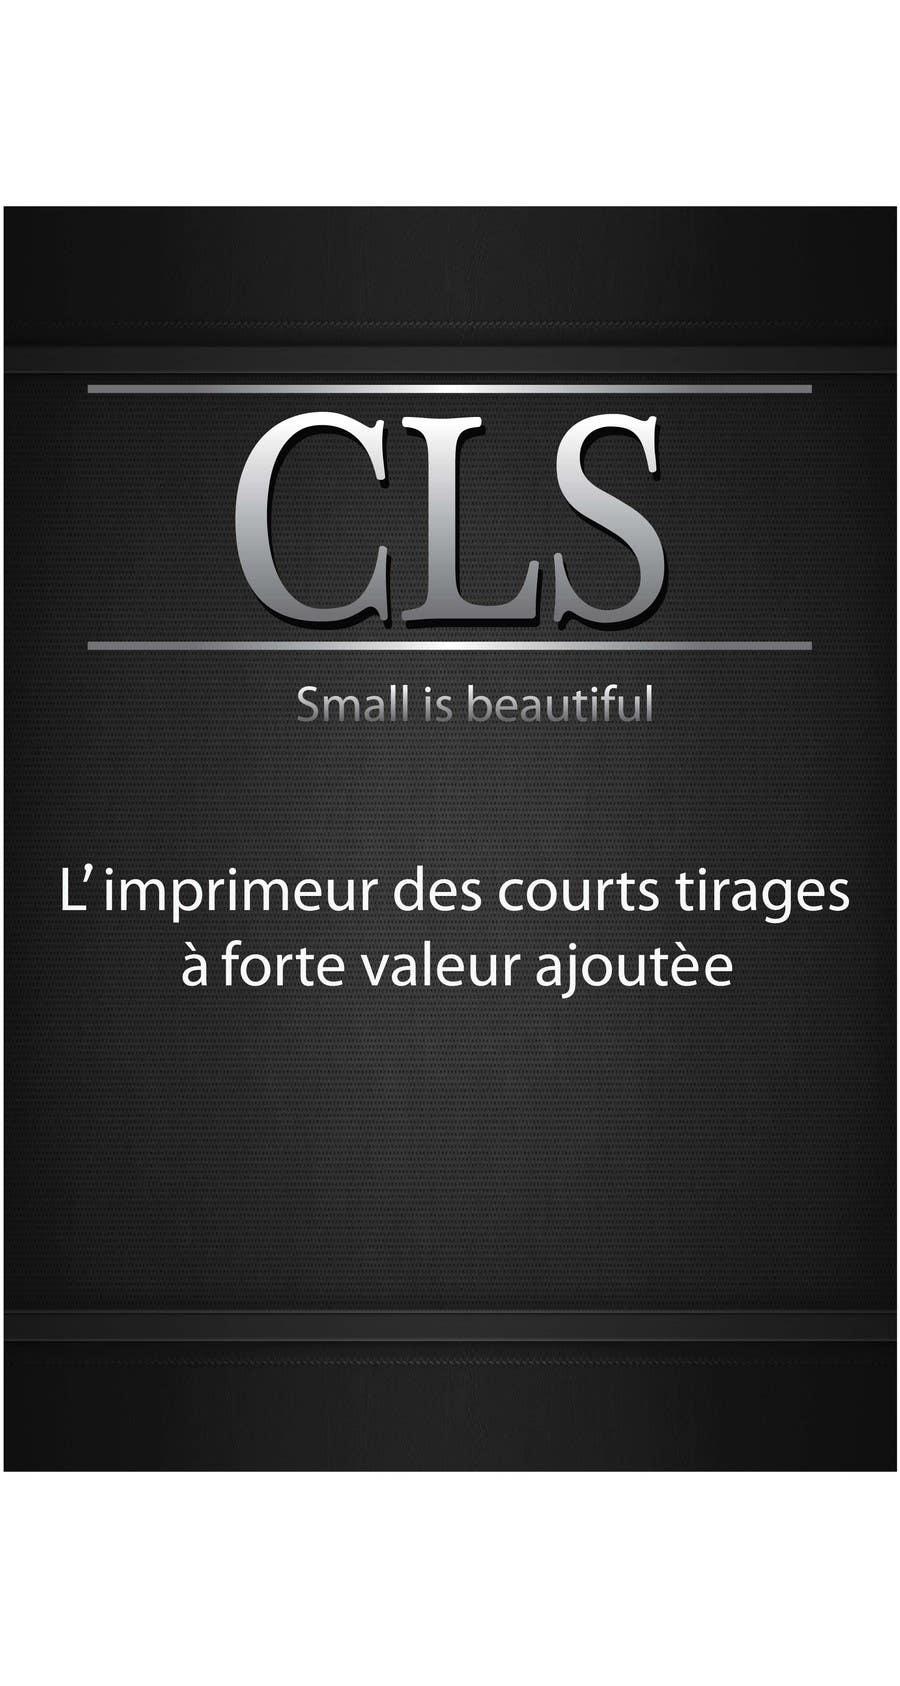 Kilpailutyö #14 kilpailussa Graphic design for CLS mobile site